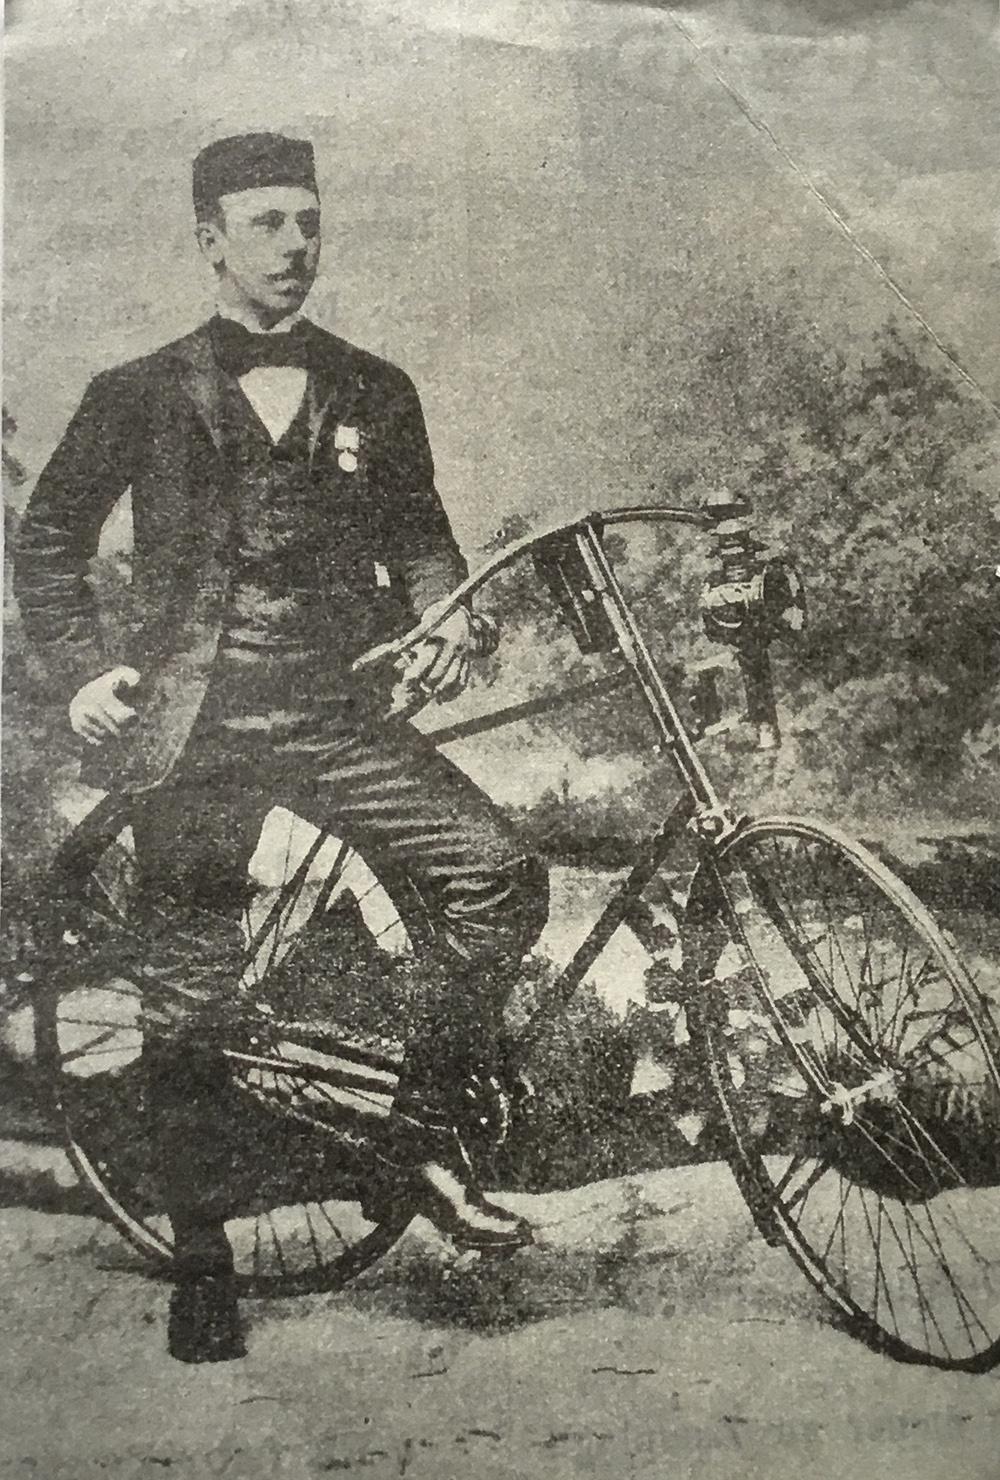 Velocipedåkningens pionjär, tillika avhoppade medicinstudenten, Casten Ivan Tisell.